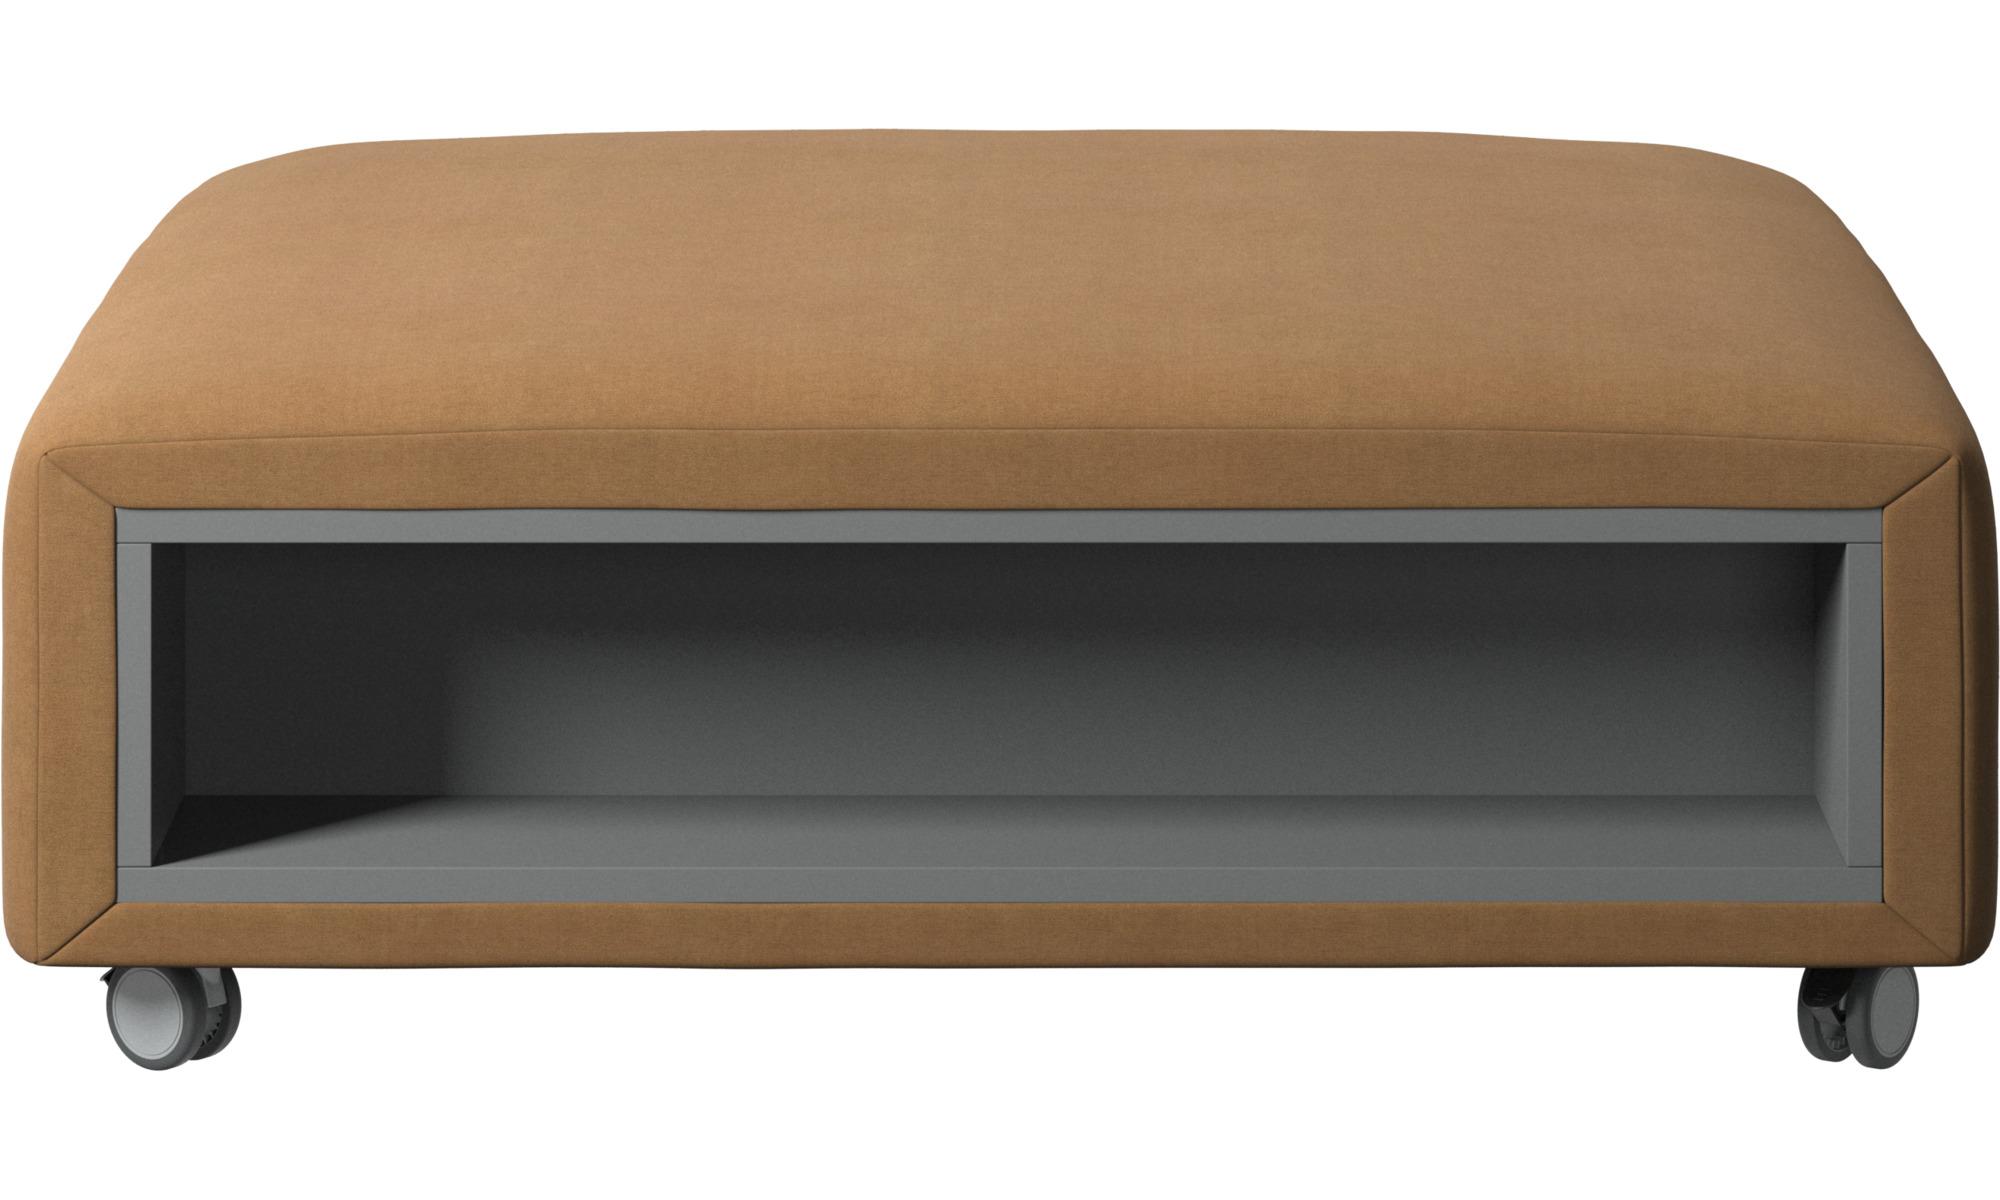 Pufs - Puf con ruedas Hampton con almacenamiento en lados derecho e izquierdo - En marrón - Tela